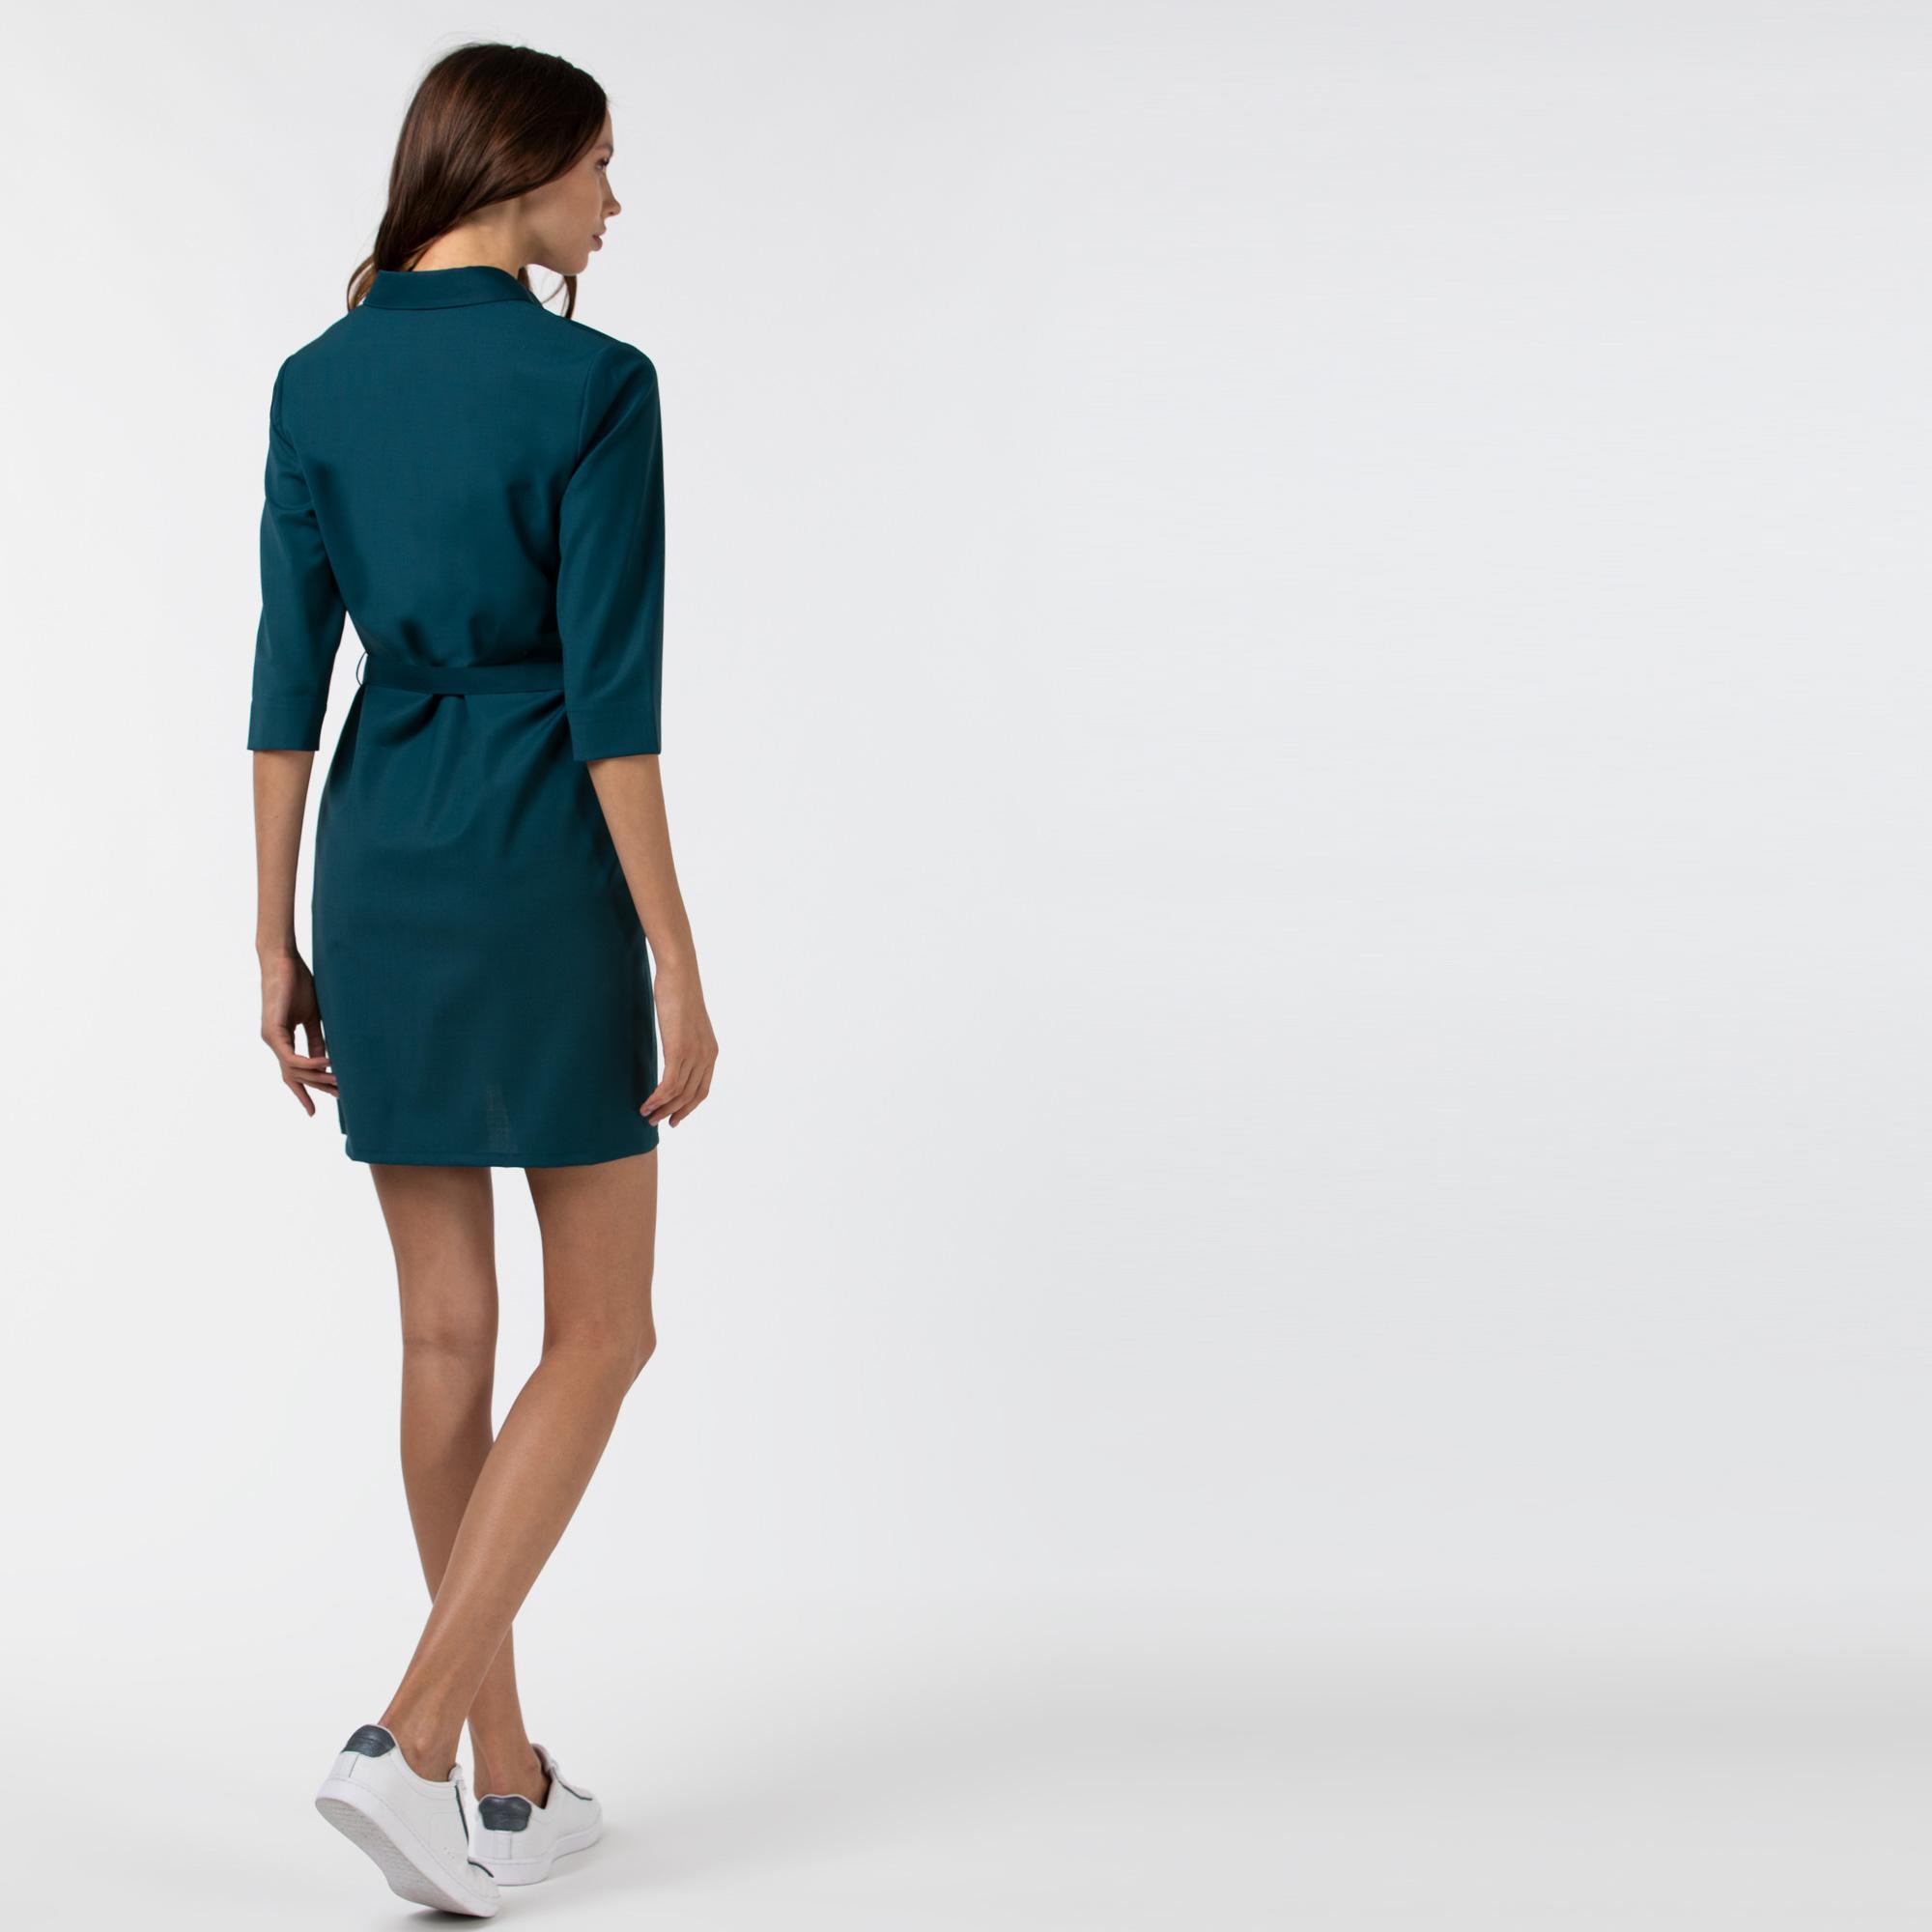 Lacoste Kadın Gömlek Yaka Truvakar Kollu Yeşil Elbise